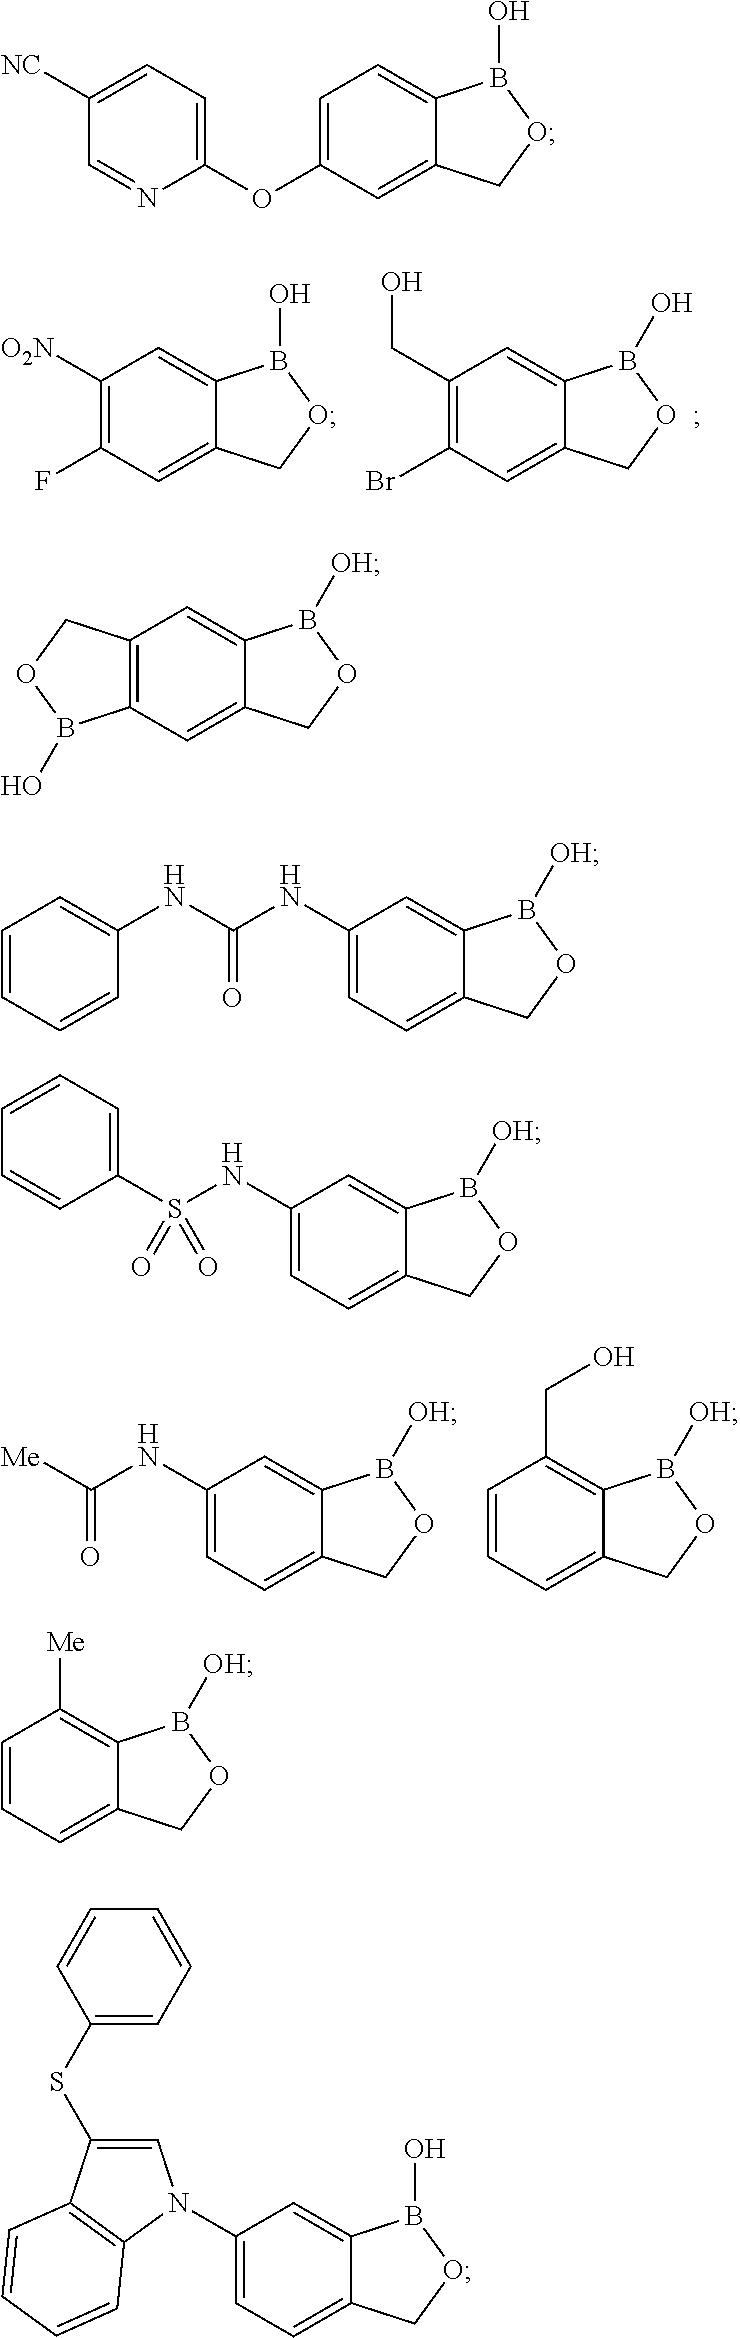 Figure US09566289-20170214-C00152